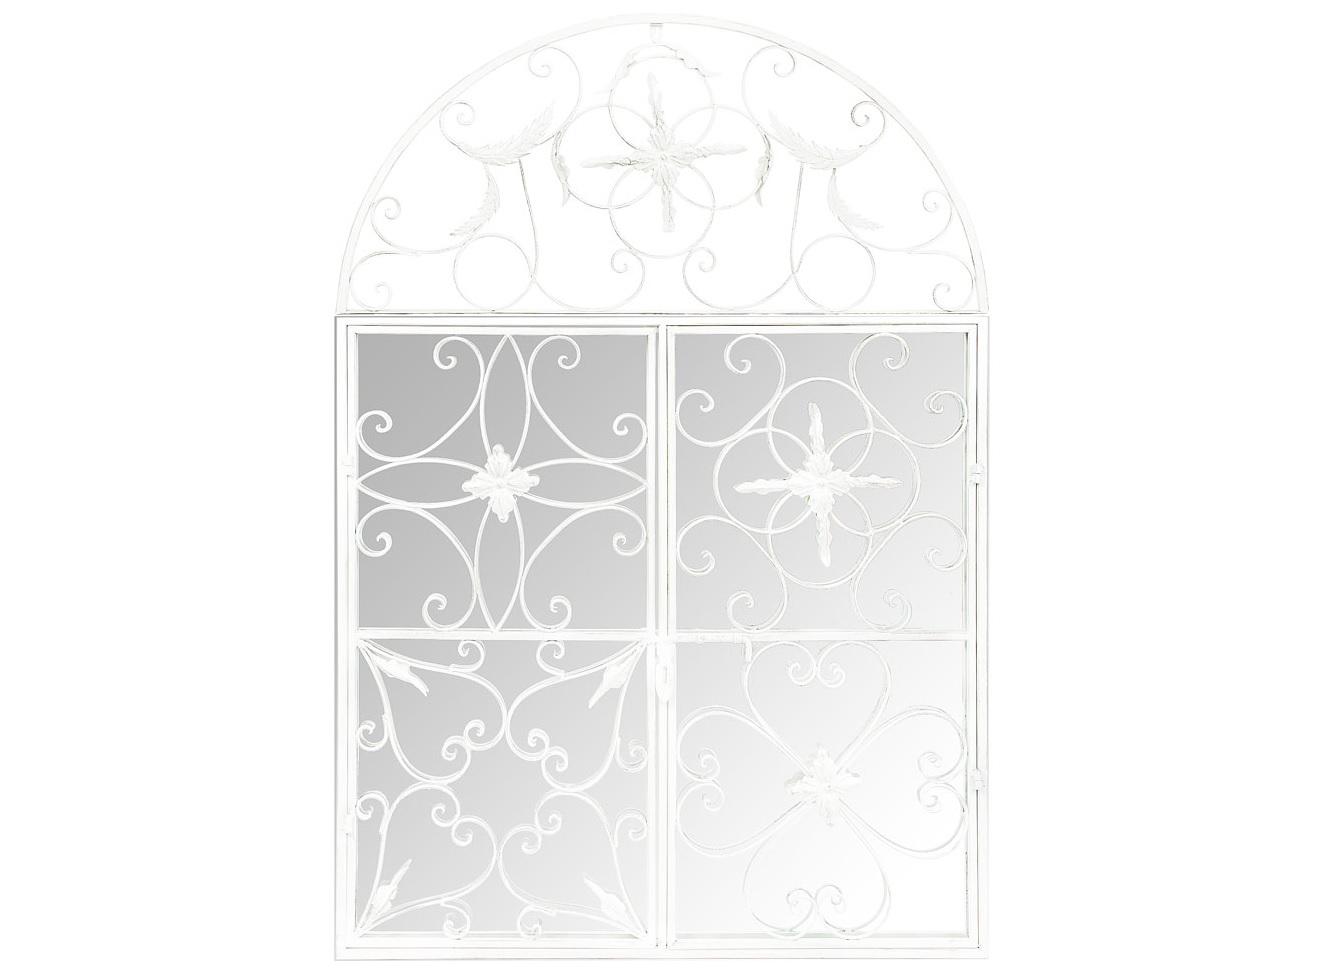 Настенное зеркало БизеНастенные зеркала<br>Зеркало &amp;quot;Бизе&amp;quot; - образцовый пример дизайнерского зеркала, задачей которого является отражение не внешности, а креативных предпочтений владельца.  Замысловатые узоры пяти сегментов рамы не повторяют друг друга. При этом каждый из узоров обладает безупречной симметрией, формируя общую гармонию этого поистине уникального интерьерного украшения.  Рама легко открывается с помощью обычного оконного засова. Это не только придаст дизайну особое обаяние, но и упростит Вам уход за зеркалом.<br><br>Material: Металл<br>Ширина см: 86<br>Высота см: 125<br>Глубина см: 8